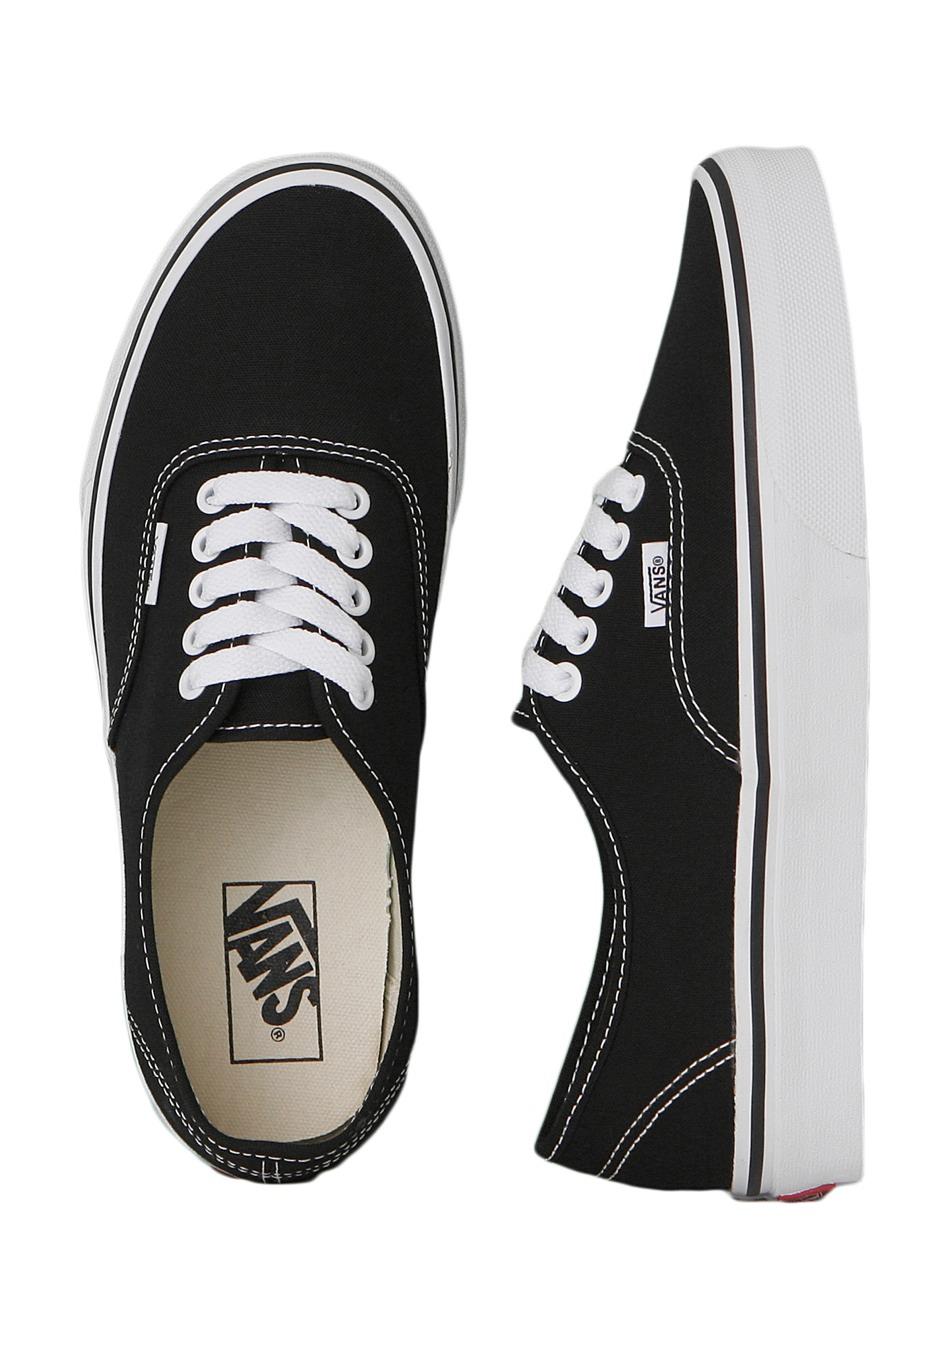 Vans Black For Girls